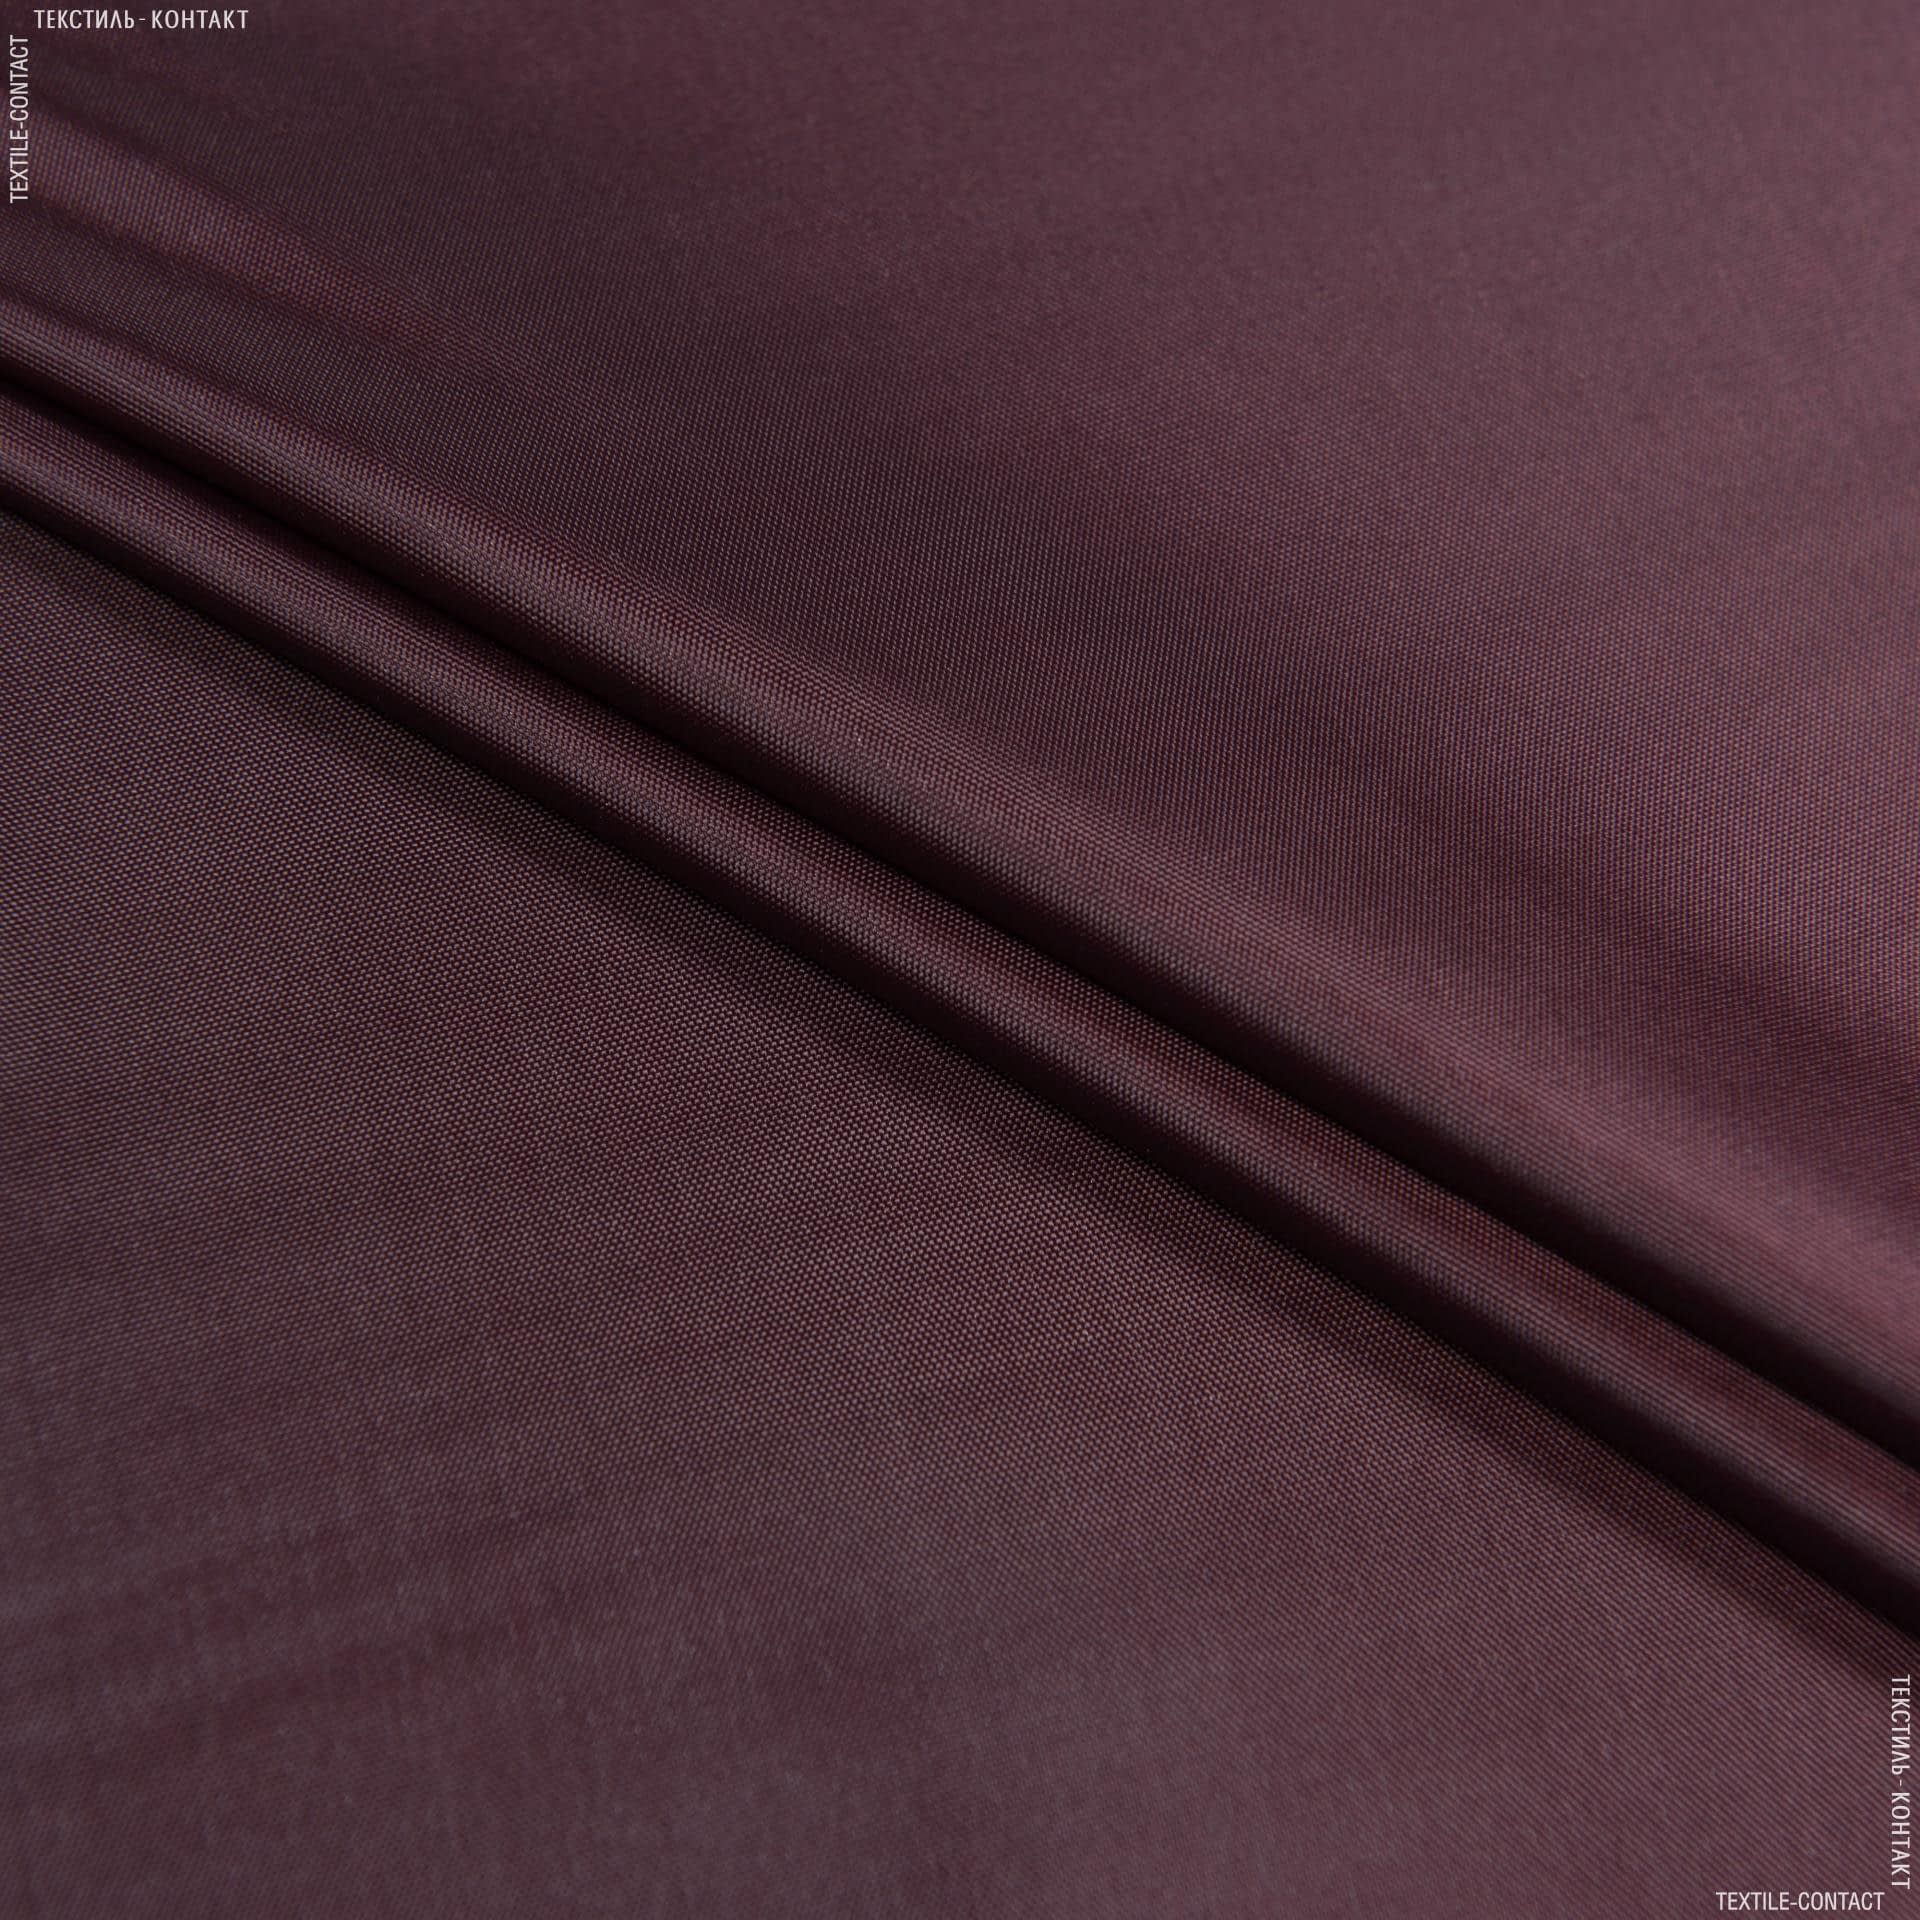 Ткани для верхней одежды - Болония сильвер бордо